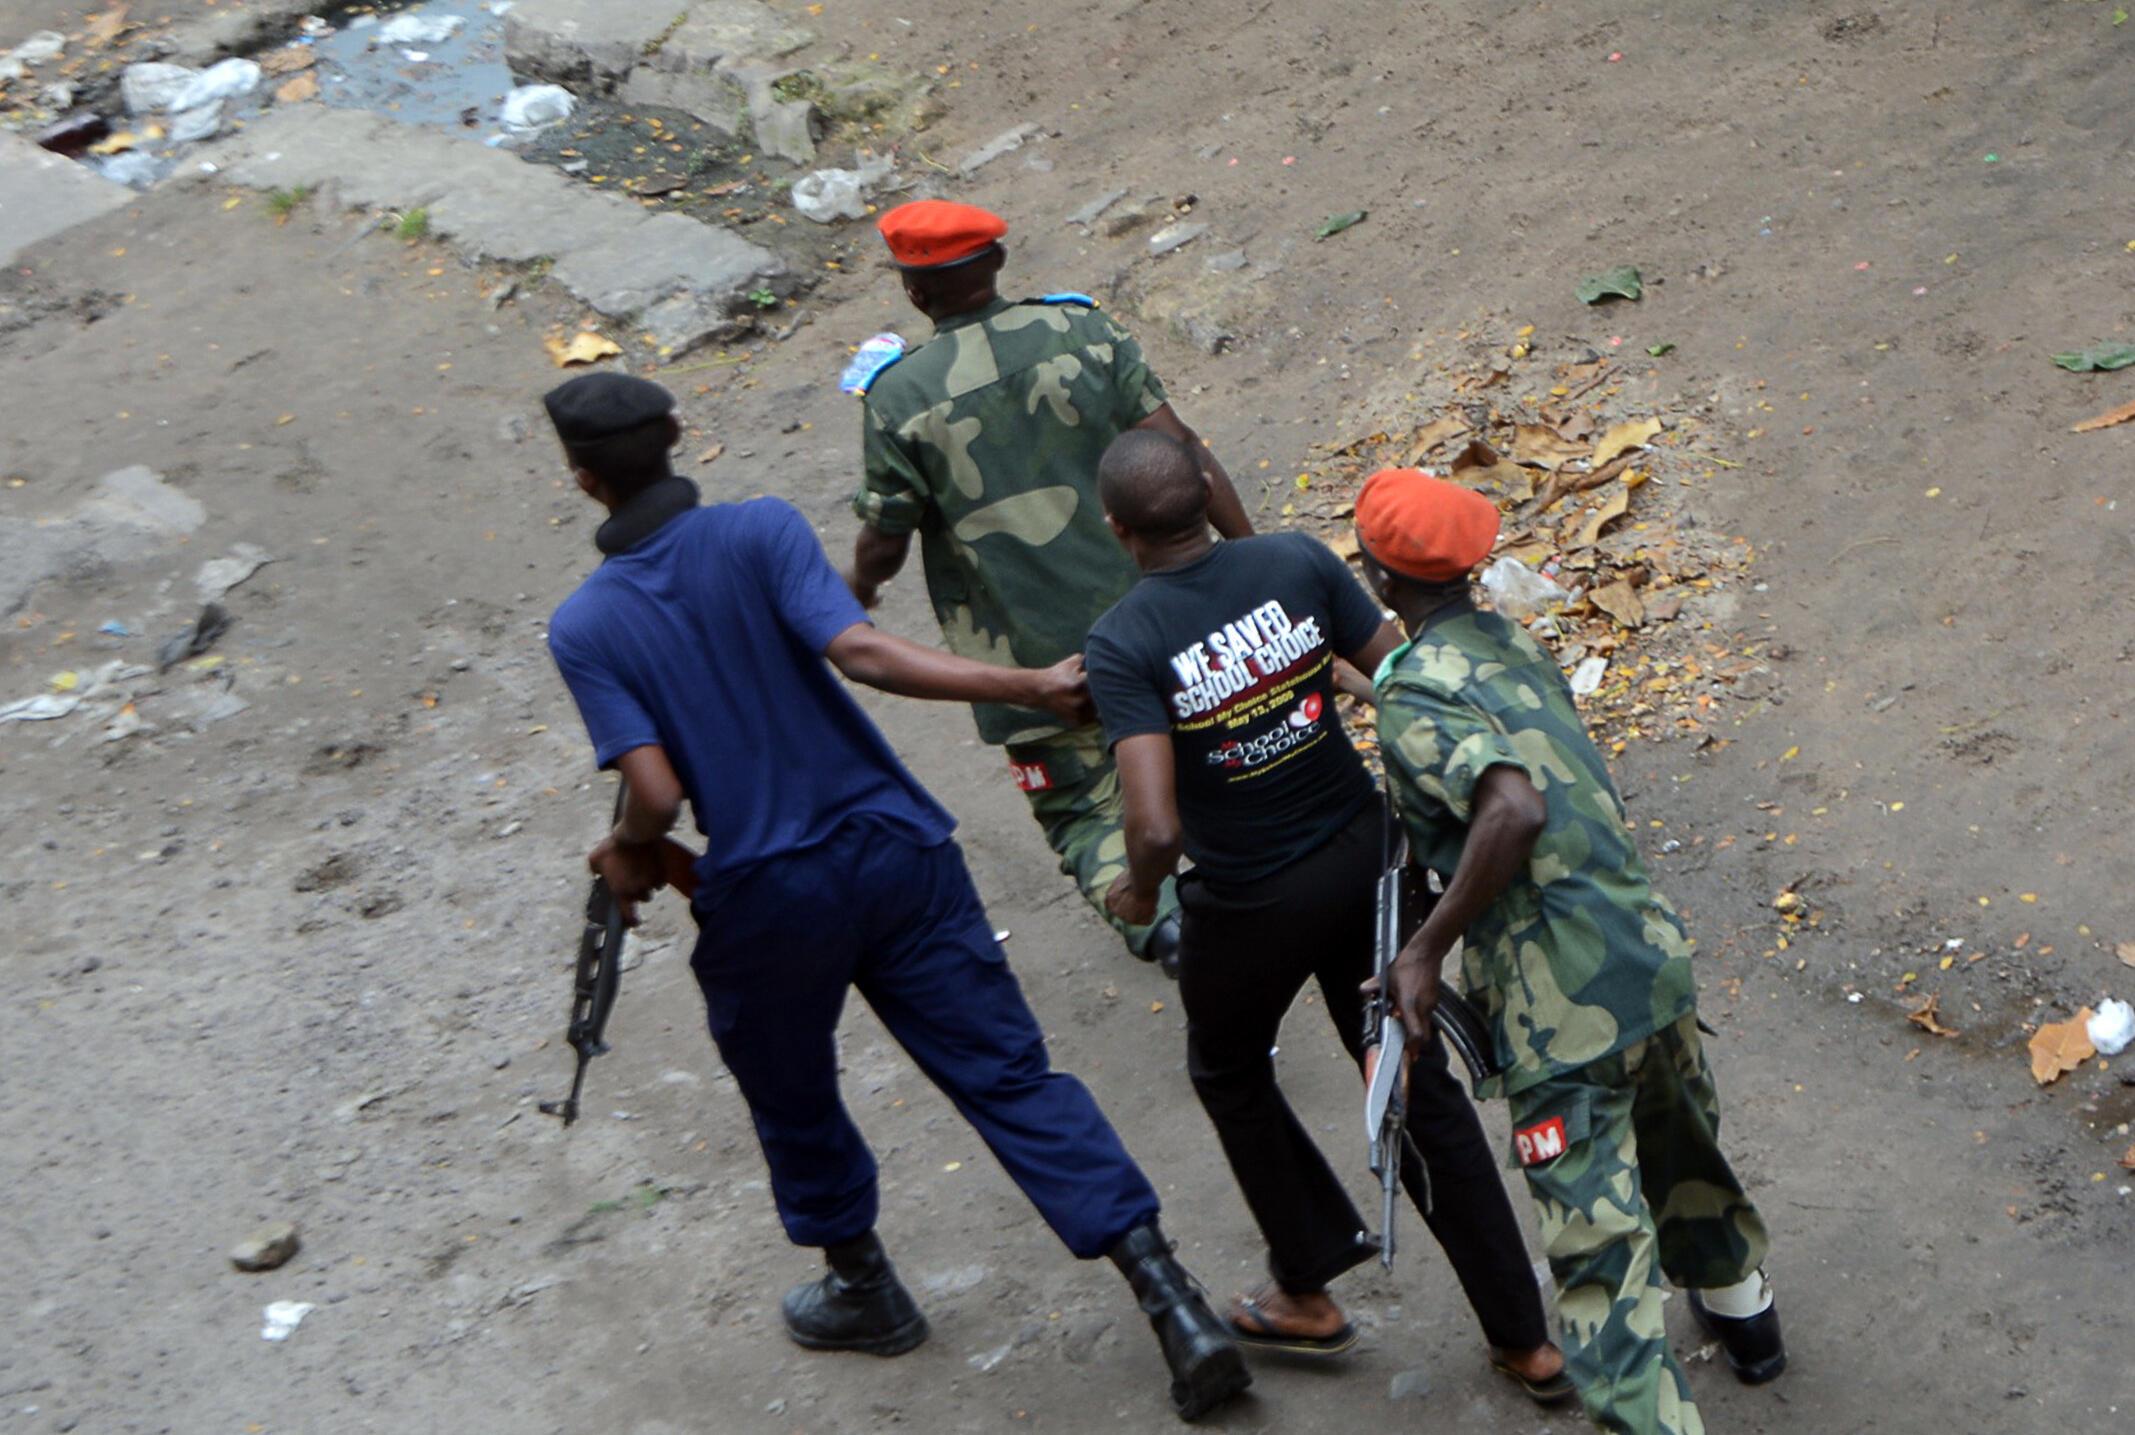 (Illustration) Lors des manifestations contre le pouvoir de Joseph Kabila, la police a procédé à des arrestations le 19 janvier 2015 à Kinshasa.